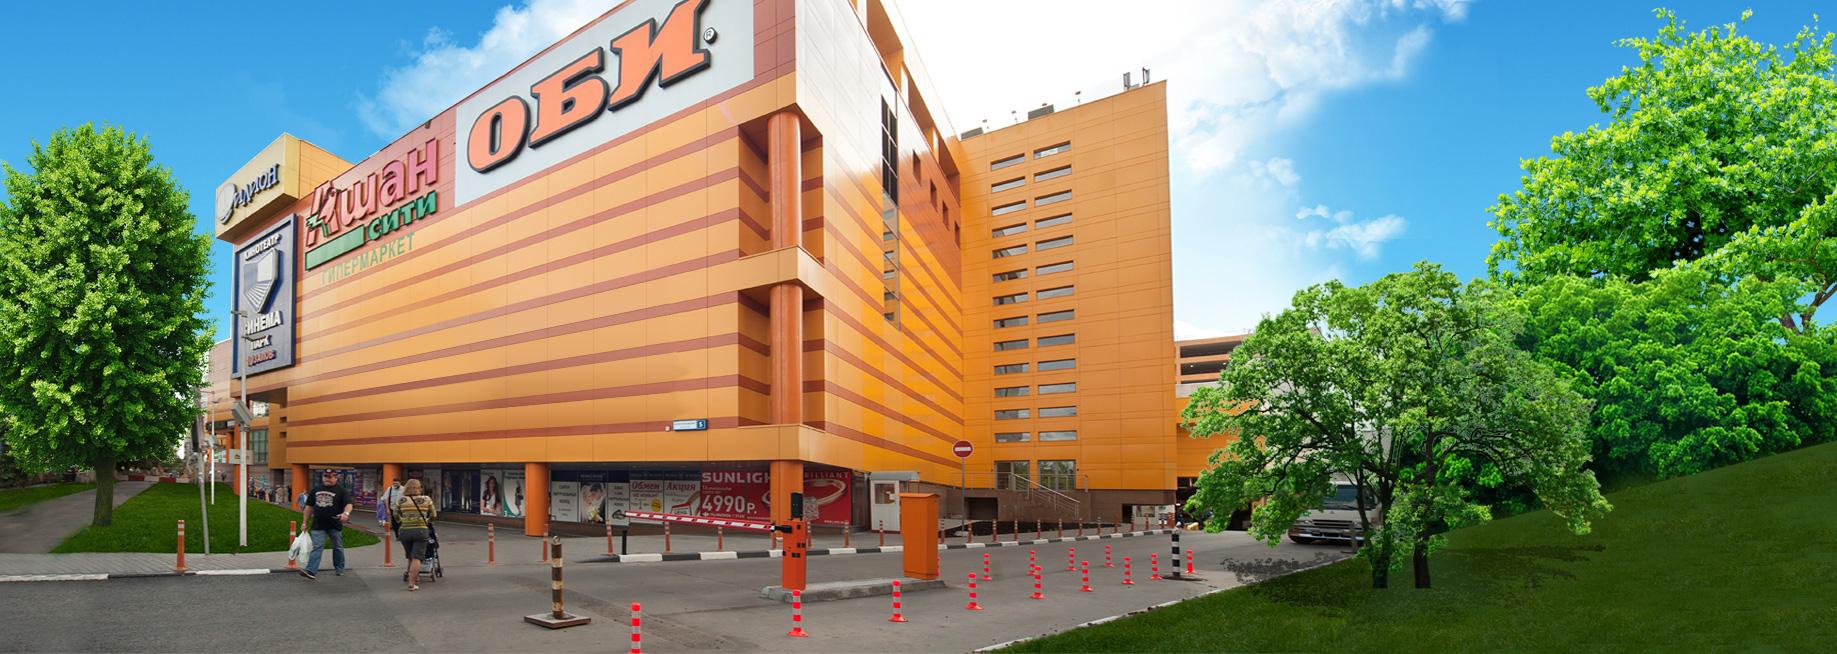 c6dfb07f9abb Развлекательный центр в Москве  детский торгово-развлекательный ...